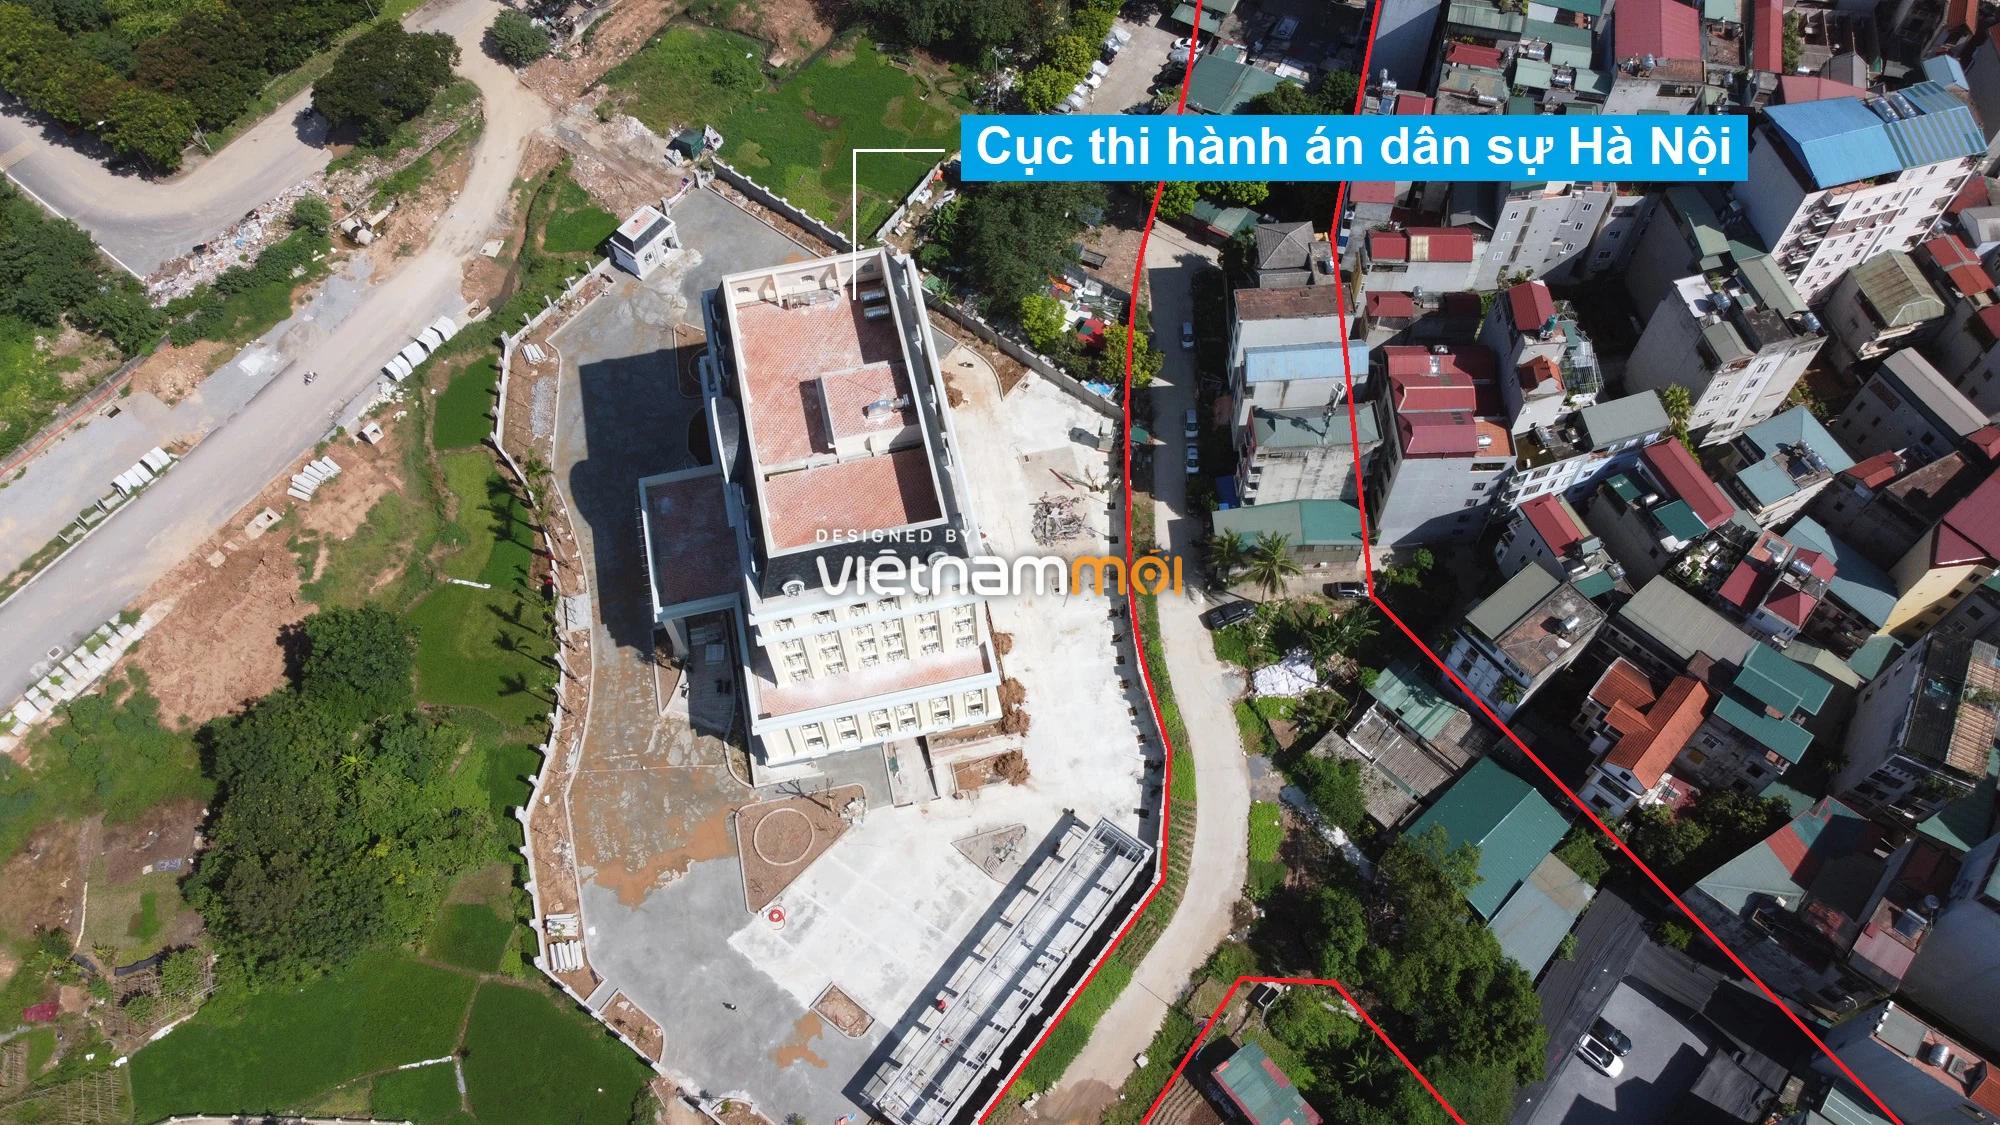 Những khu đất sắp thu hồi để mở đường ở phường Mỹ Đình 1, Nam Từ Liêm, Hà Nội (phần 2) - Ảnh 16.